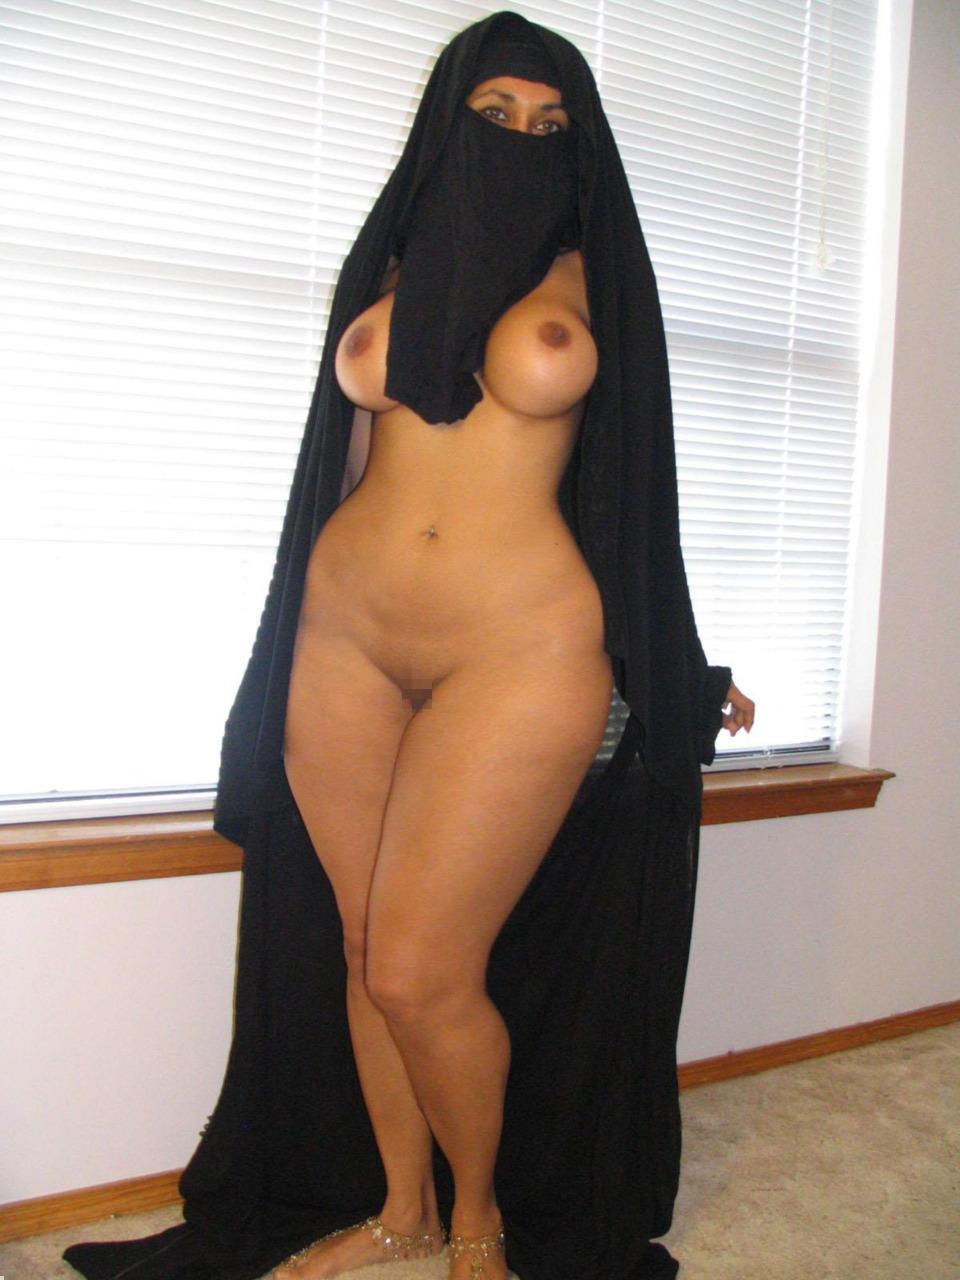 【エロ画像】特定されたら「死刑確定」ハイリスクすぎるイスラム教徒のエロ自撮り画像をご覧下さい。(画像30枚)・1枚目